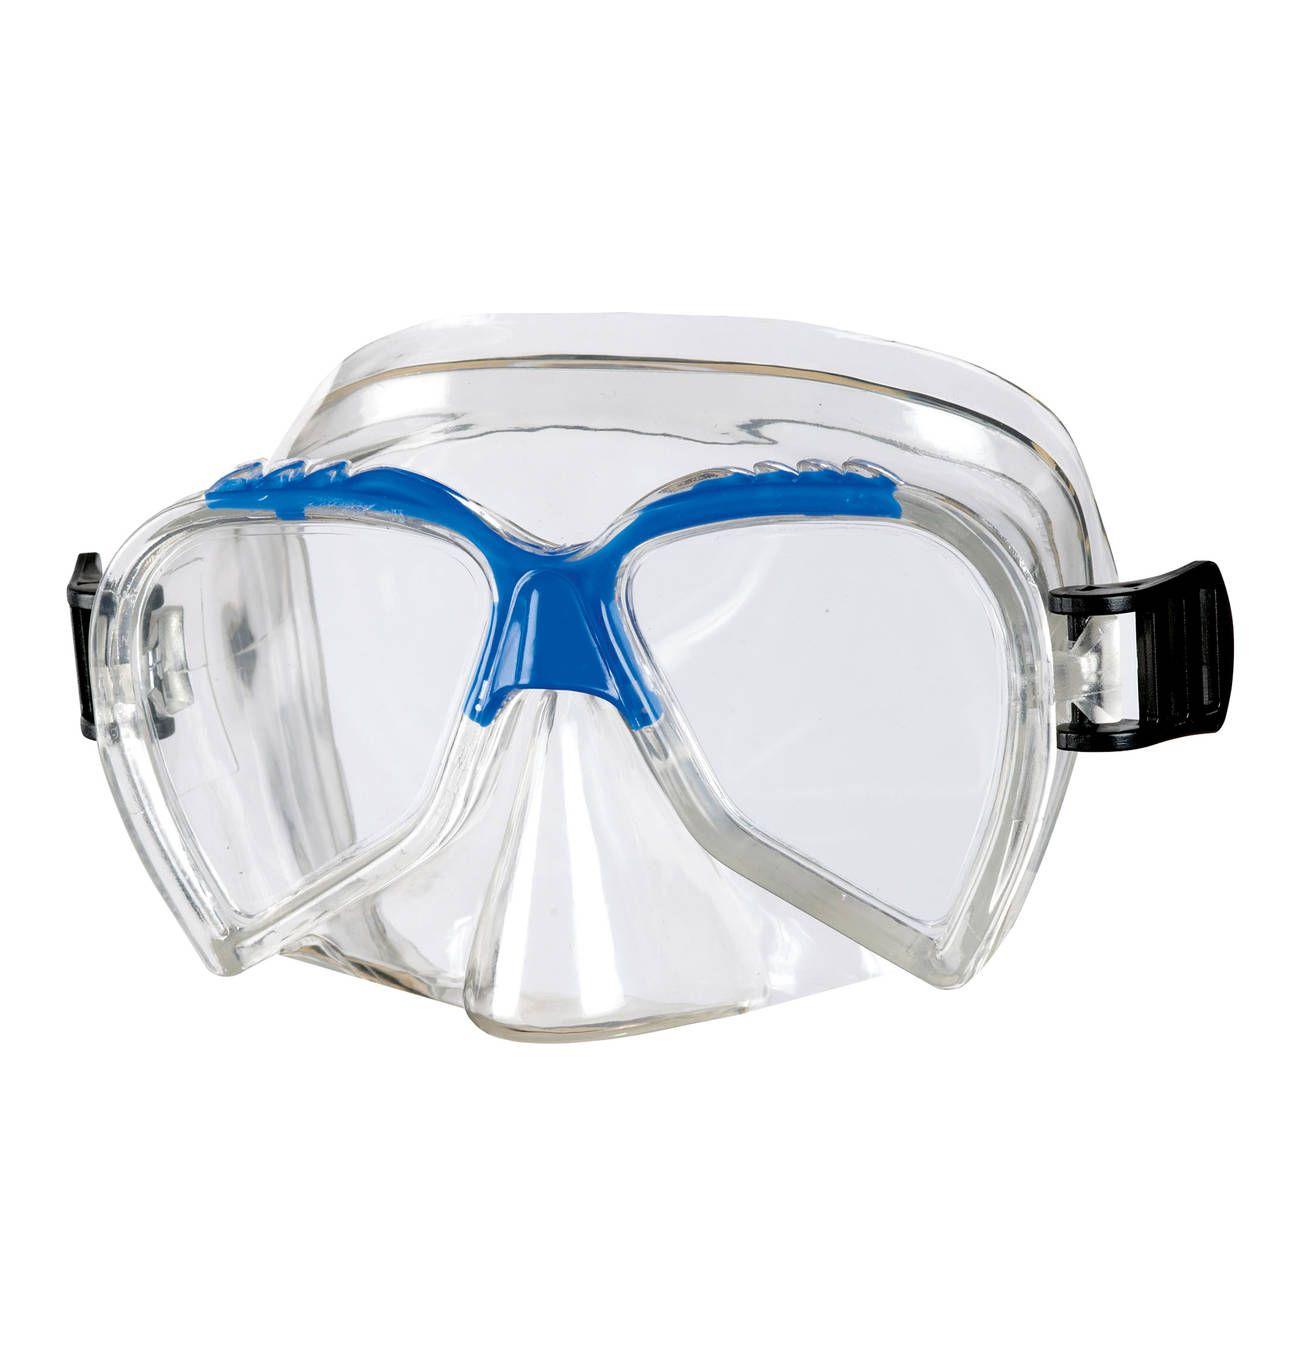 Taucherbrille Fur Kinder Taucherbrille Brille Und Tauchen